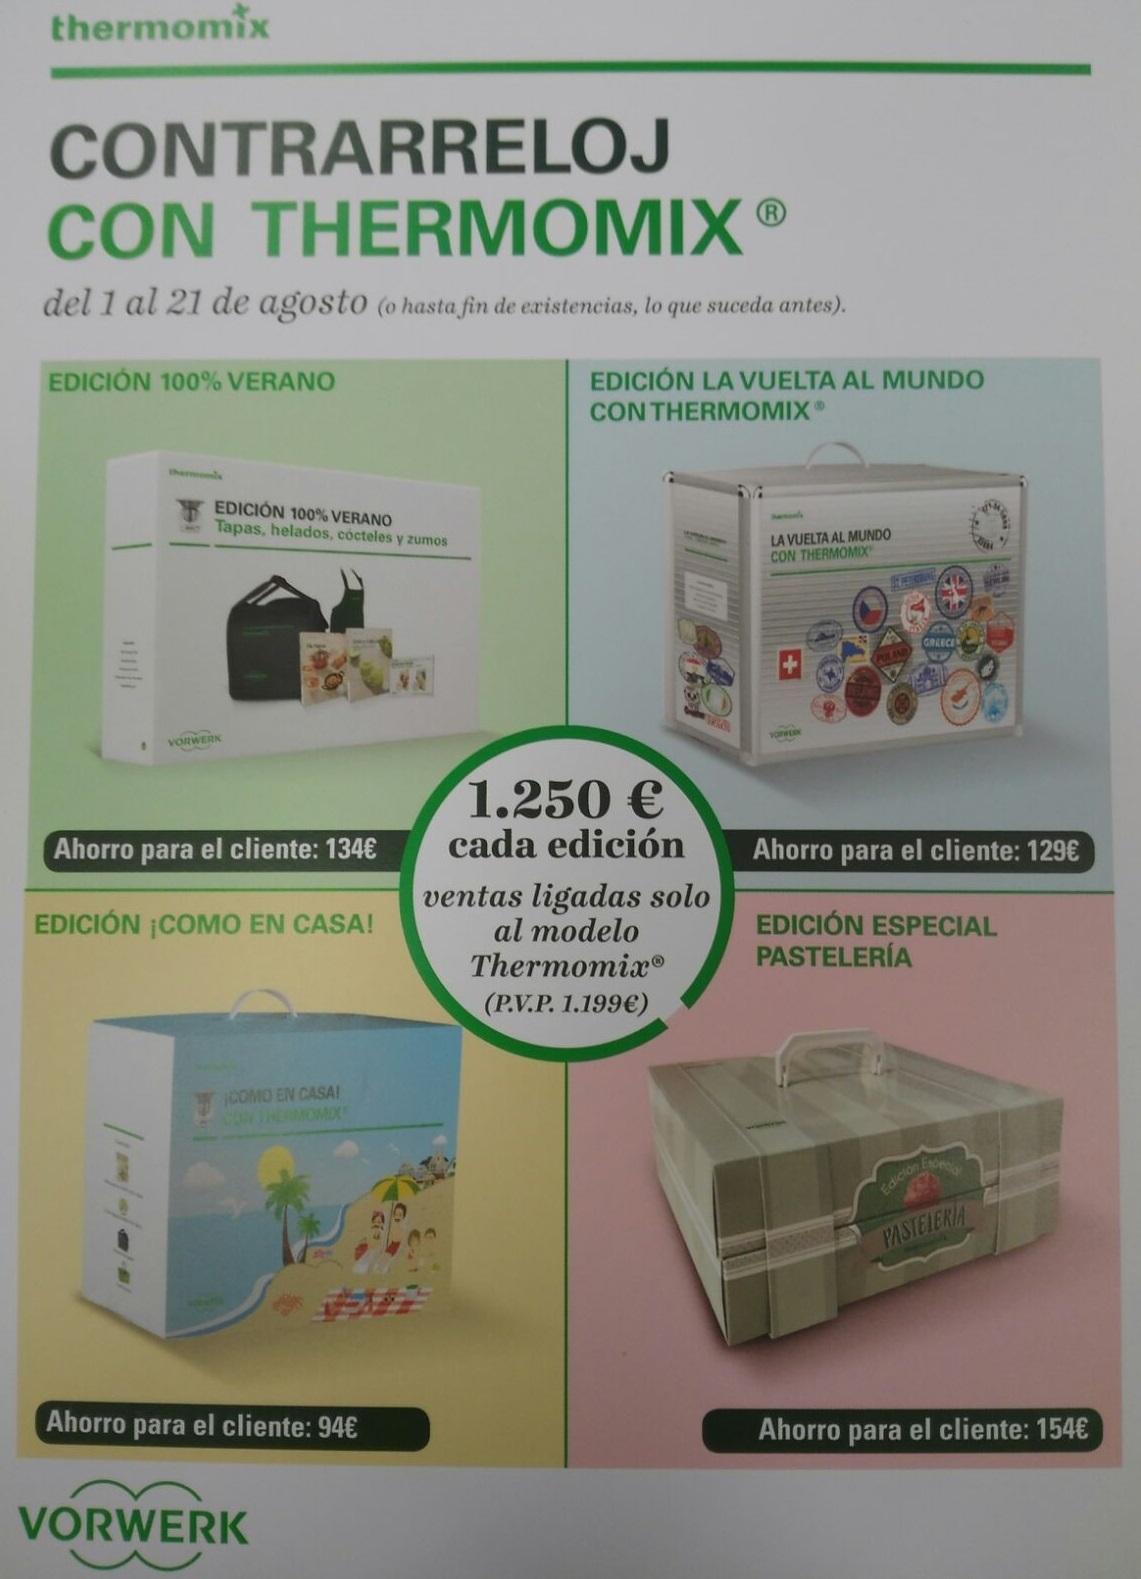 Contrarreloj con Thermomix®